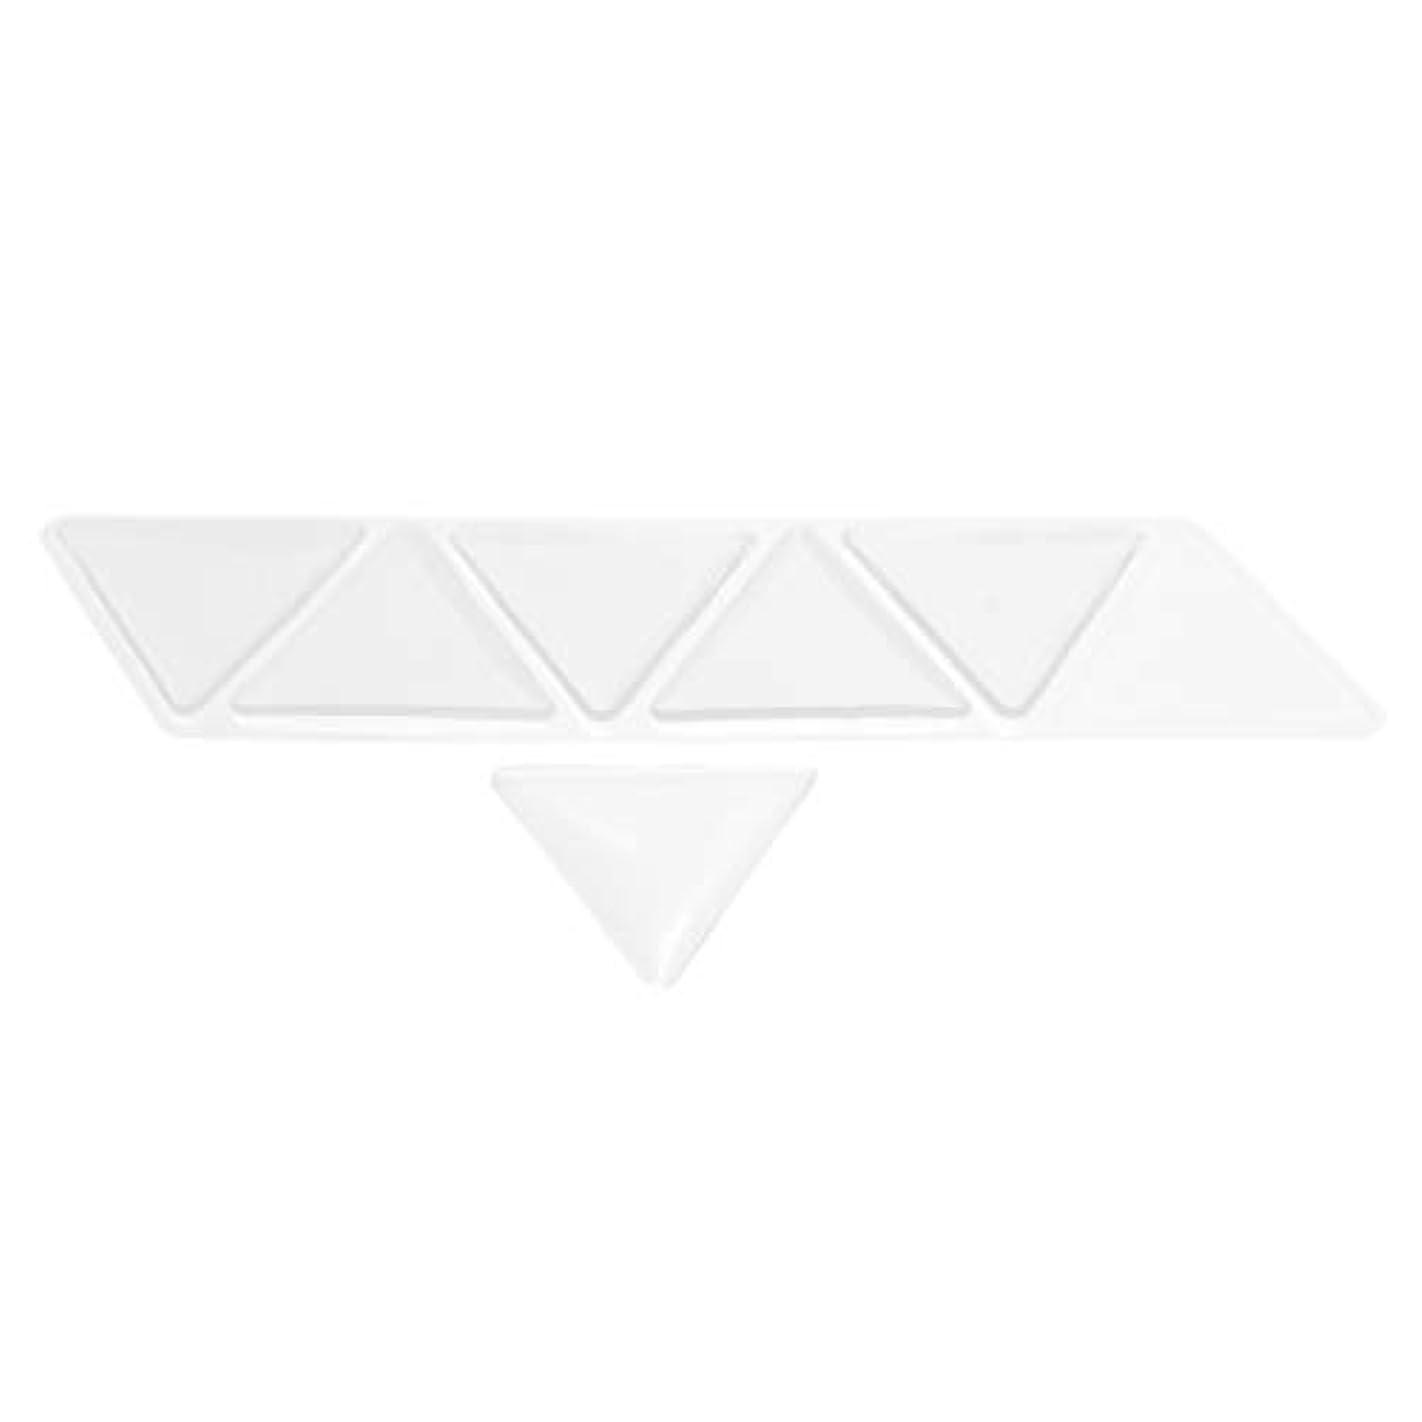 改修するフリッパーつかむHellery 額パッド シリコン 透明 額スキンケア 再利用可能な 目に見えない 三角パッド 6個セット